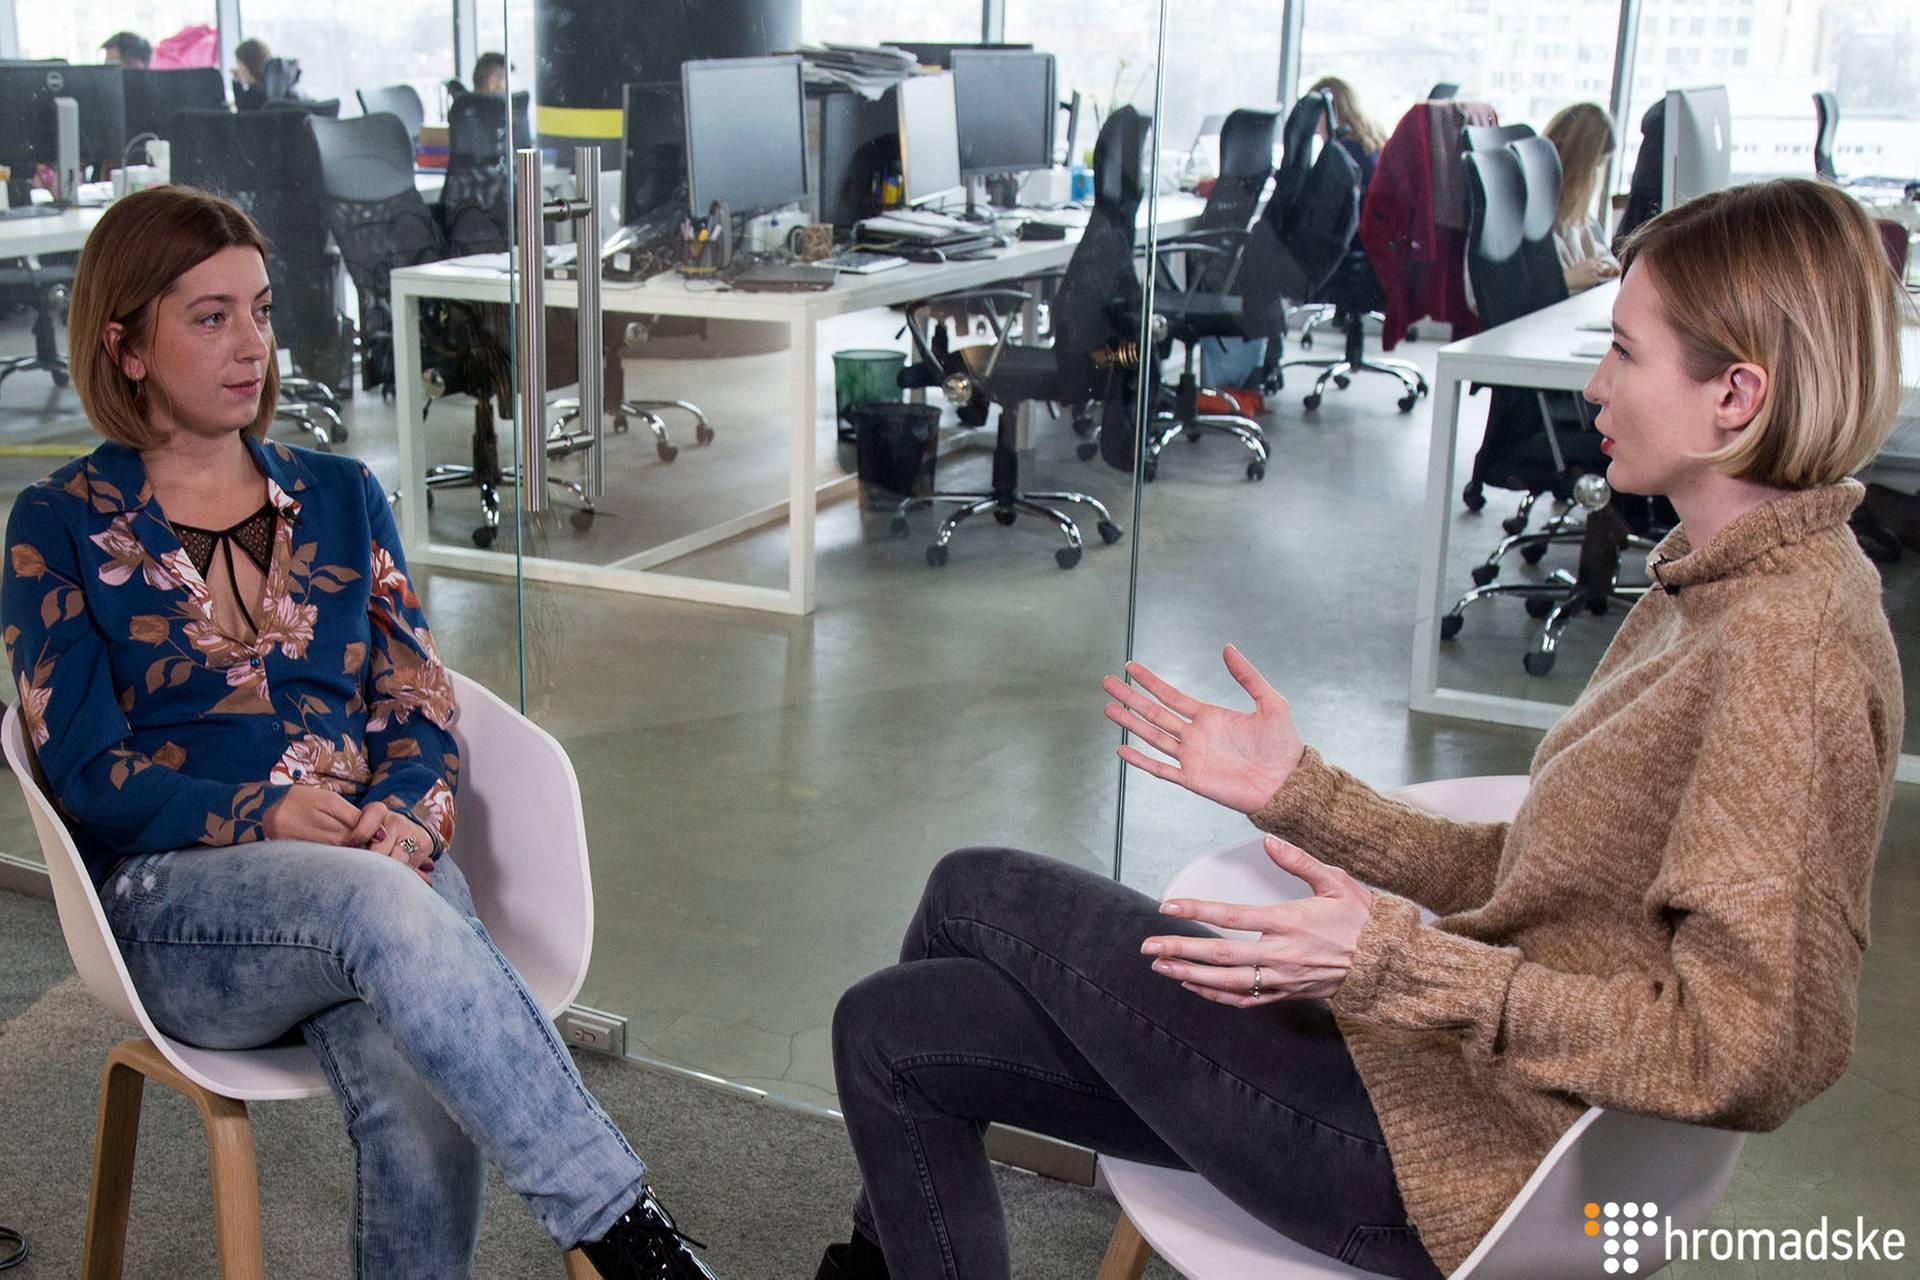 Журналістка Катерина Сергацкова (ліворуч) та головна редакторка Громадського Ангеліна Карякіна під час інтерв'ю, Київ, 14 березня 2019 року